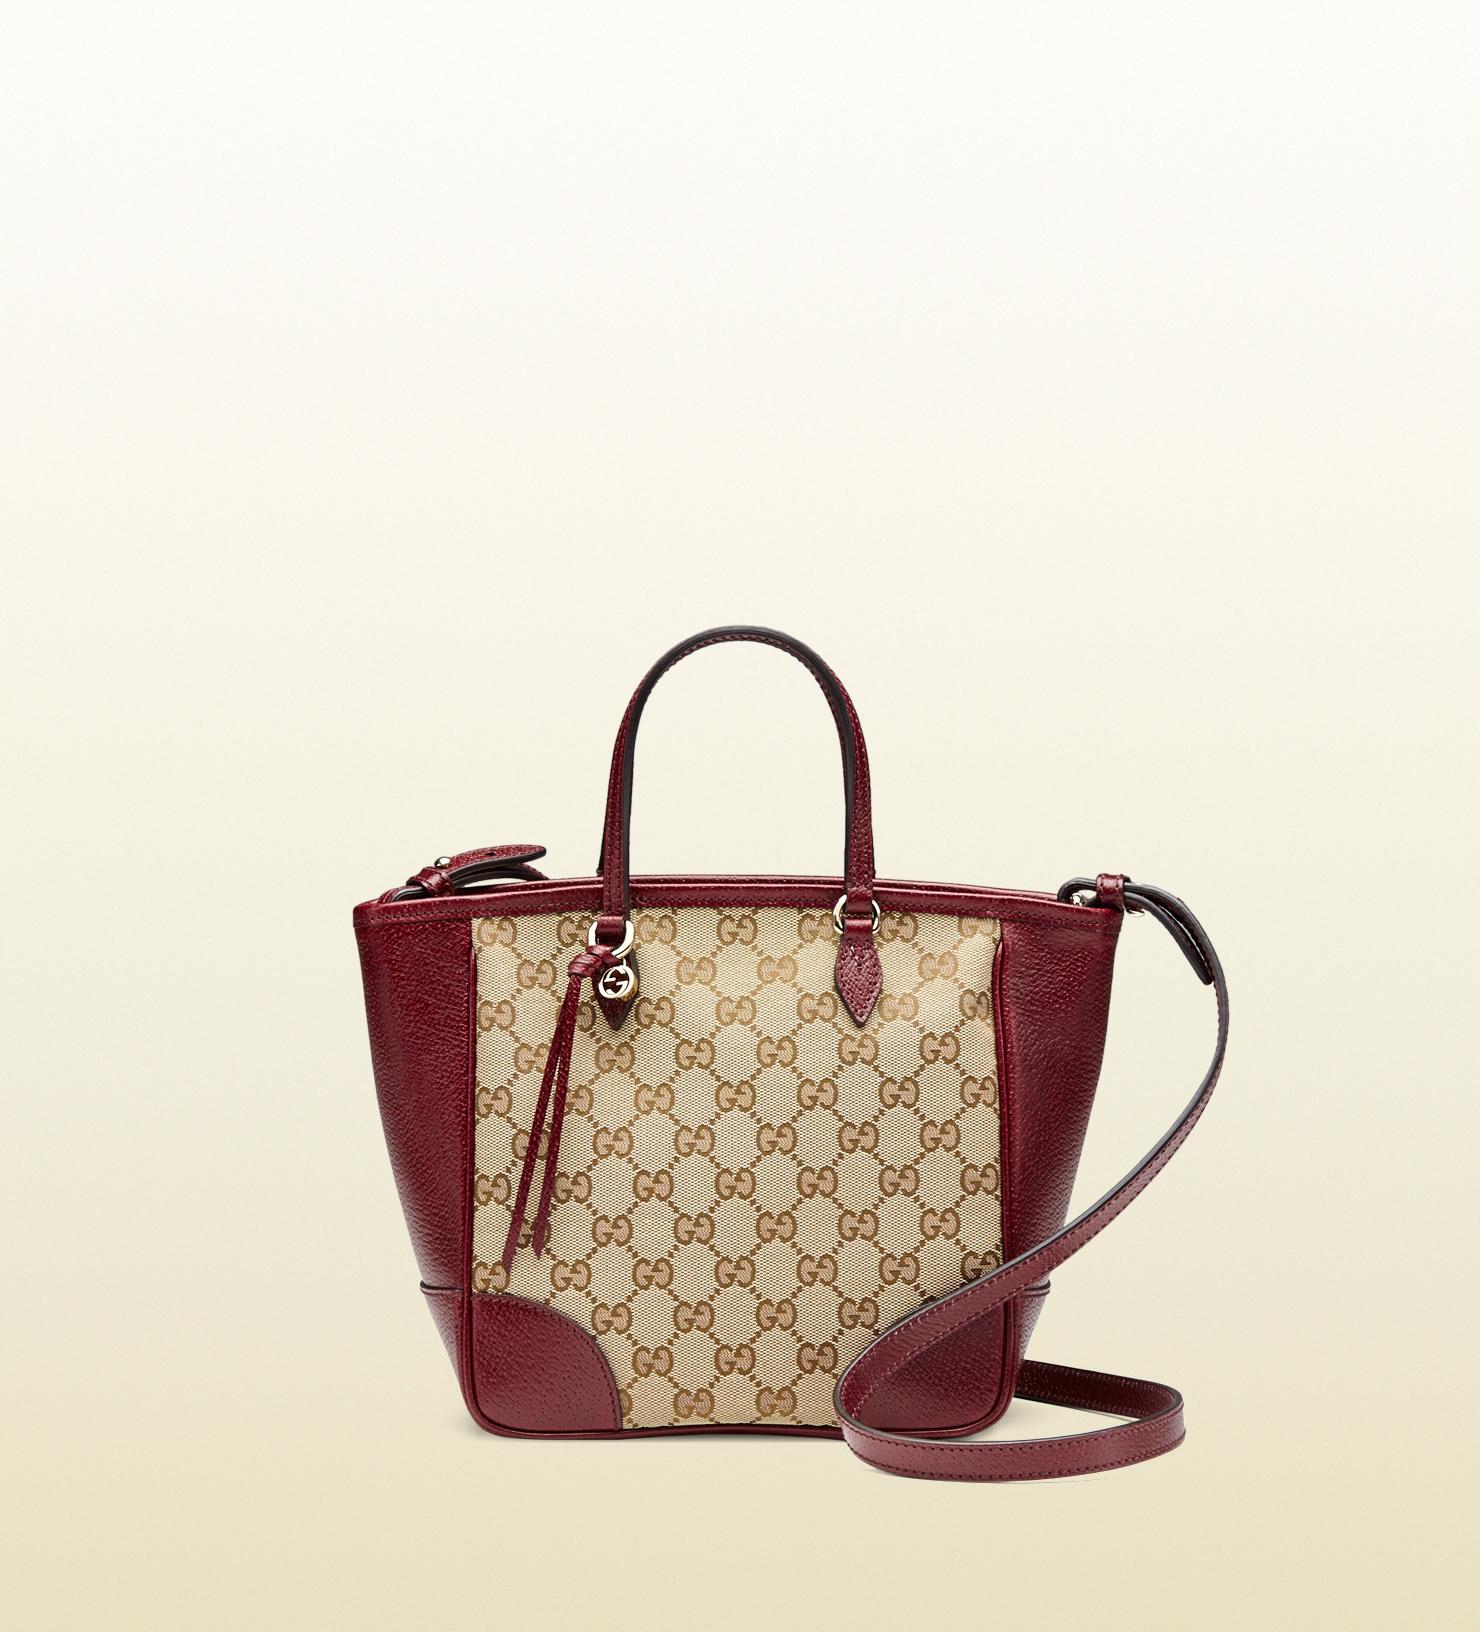 ac90da4d554 Gucci Canvas Top Handle Bag in Purple - Lyst